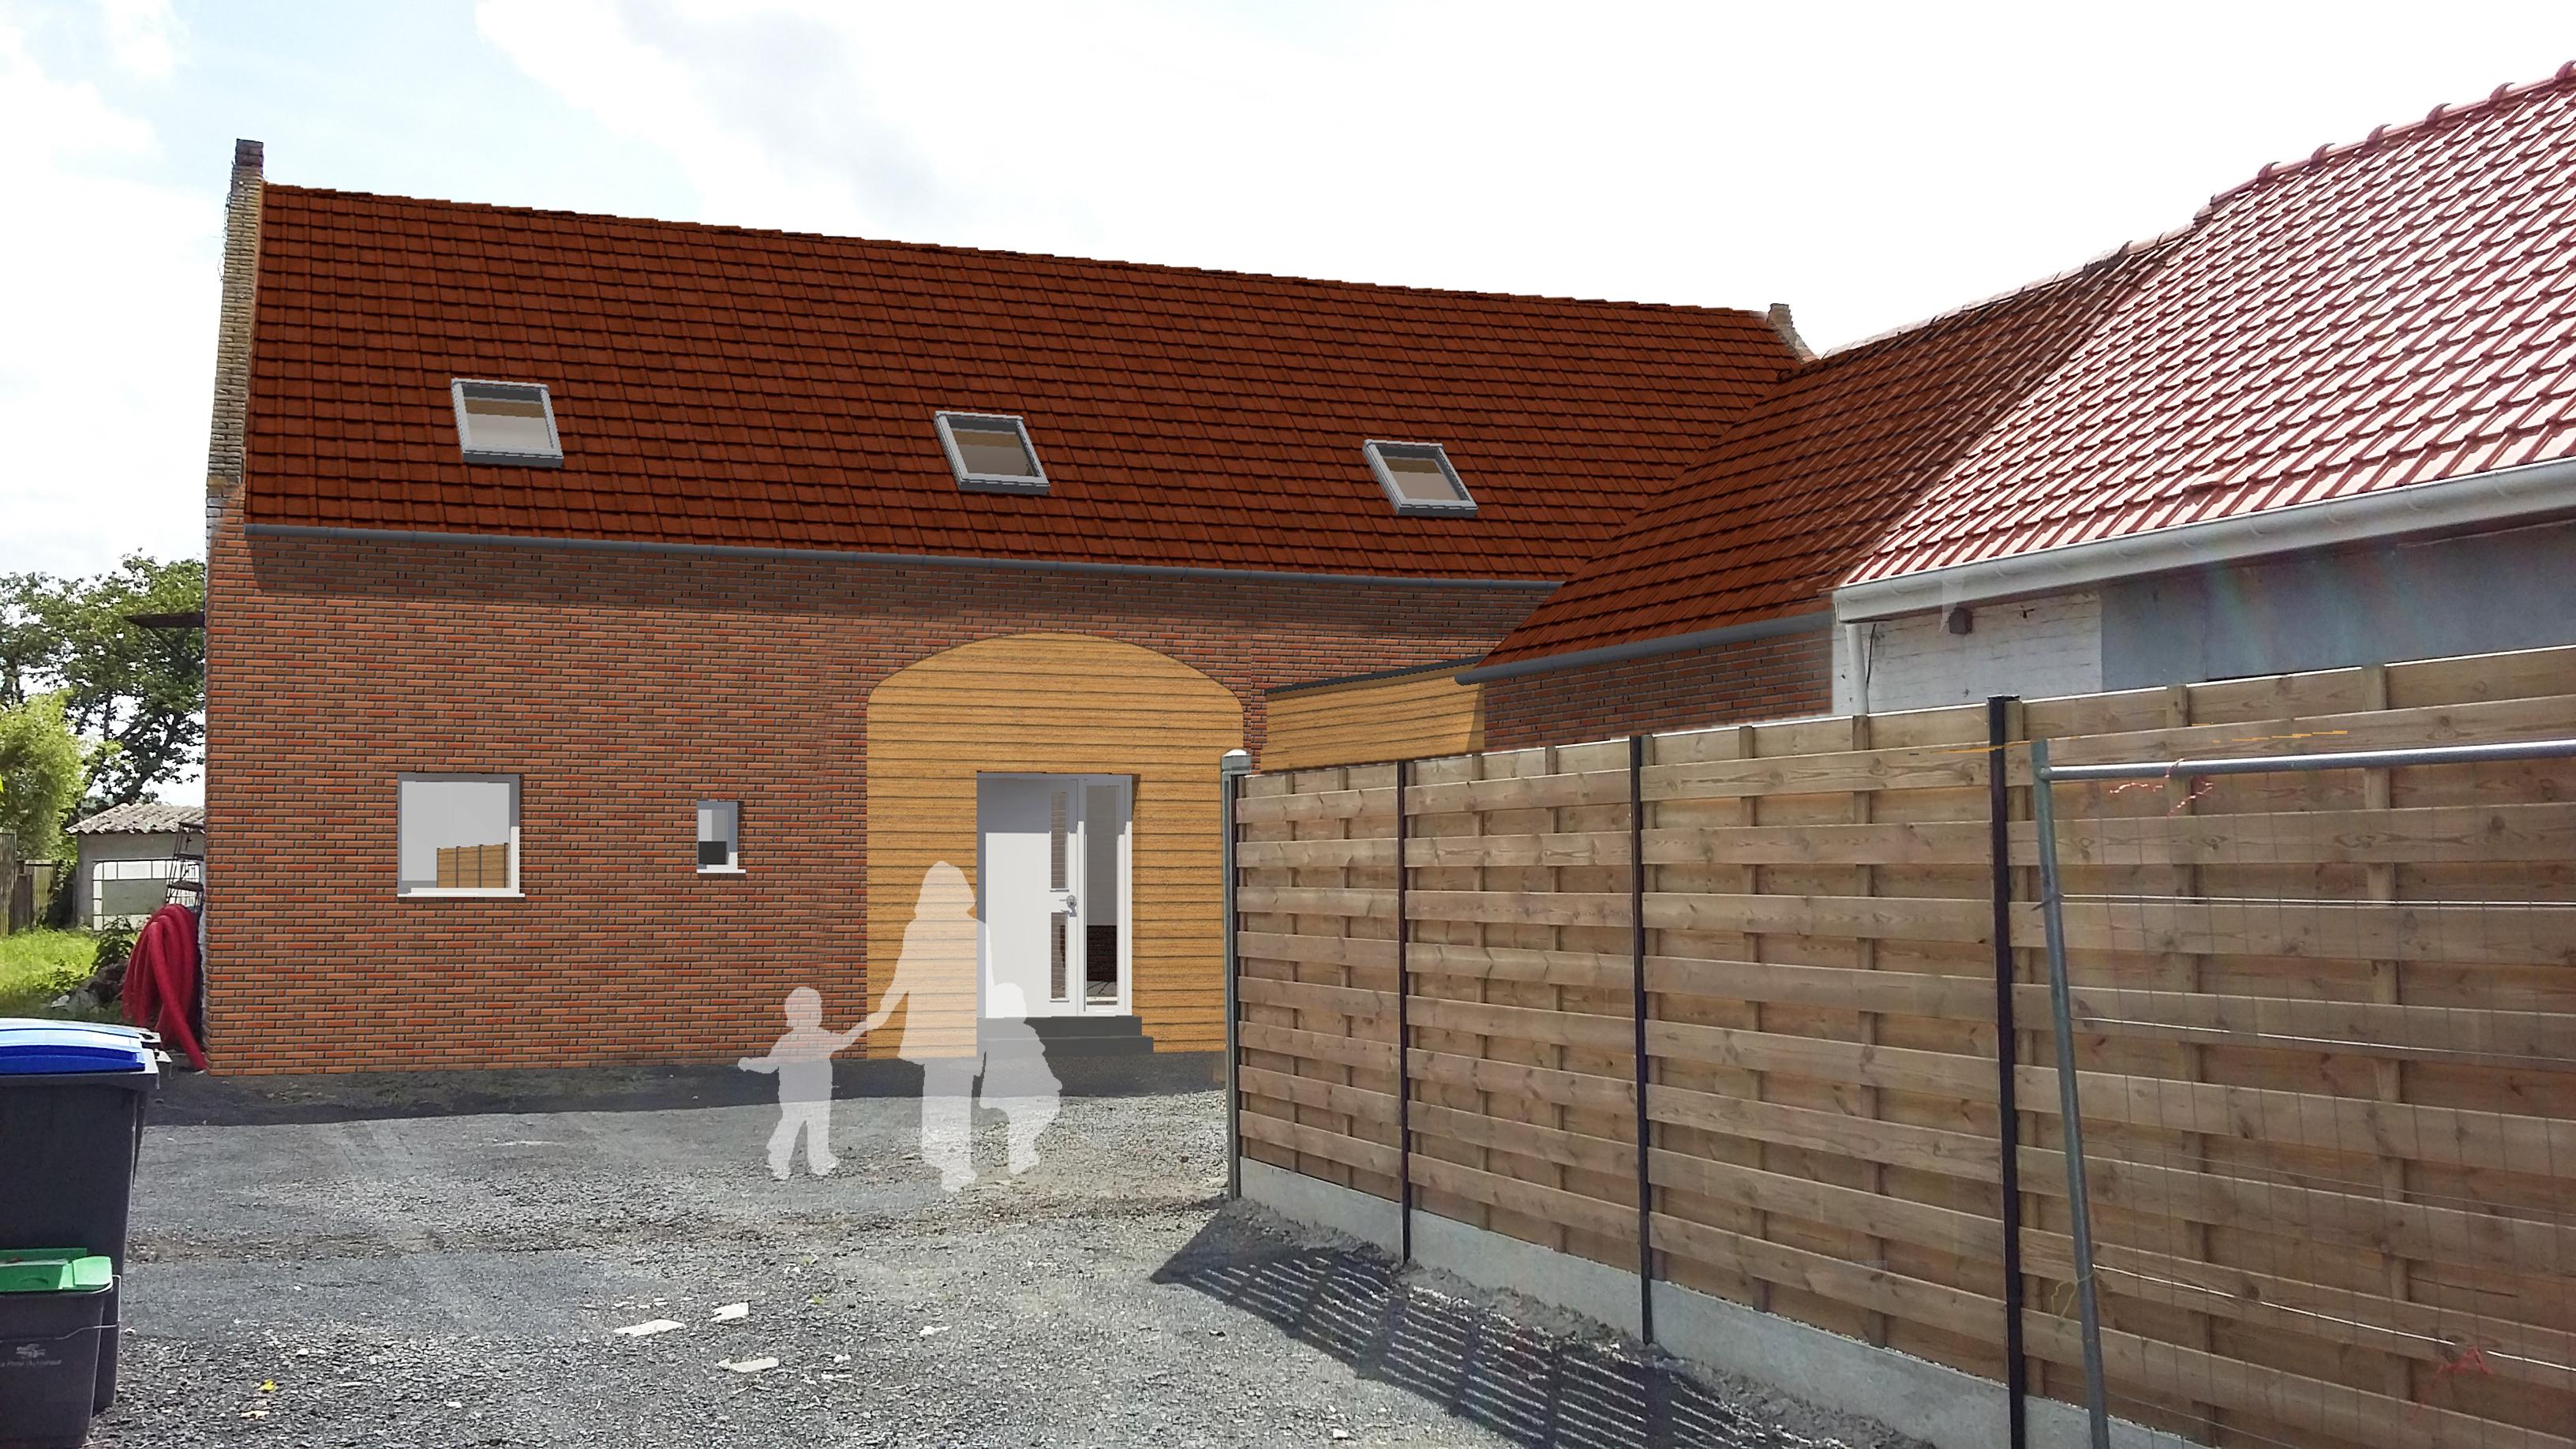 16-31-atelier-permis-de-construire-plans-grange7